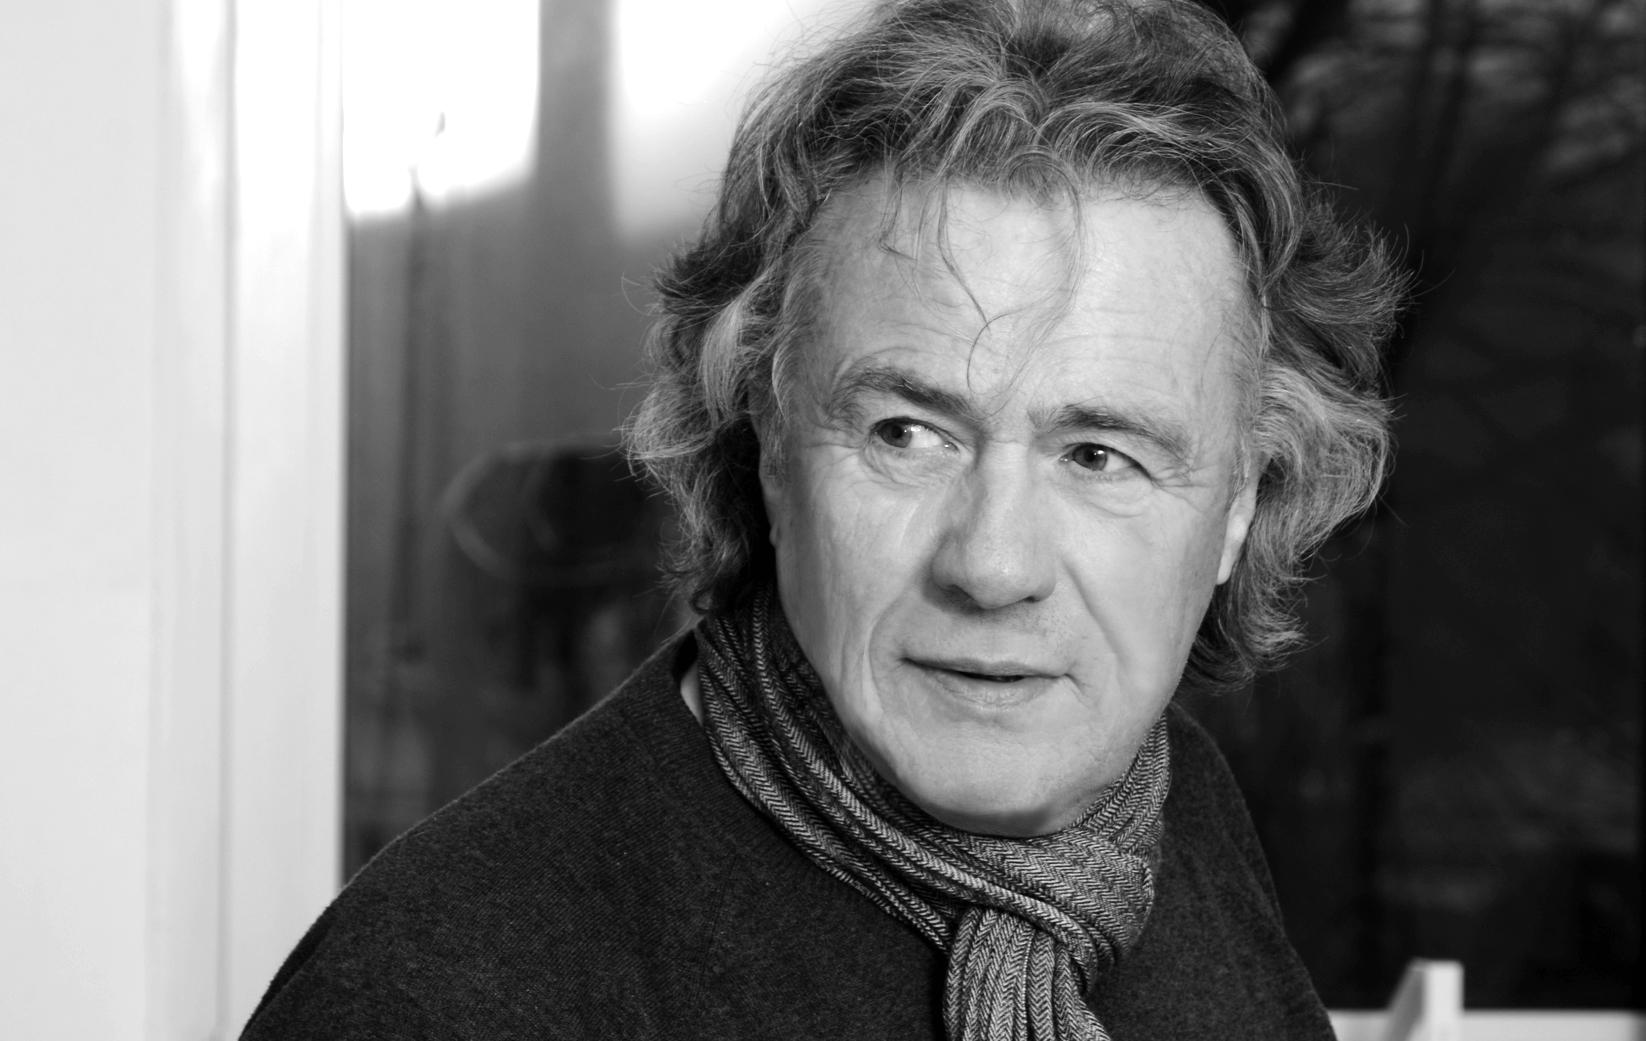 Manfred G. Schwellies